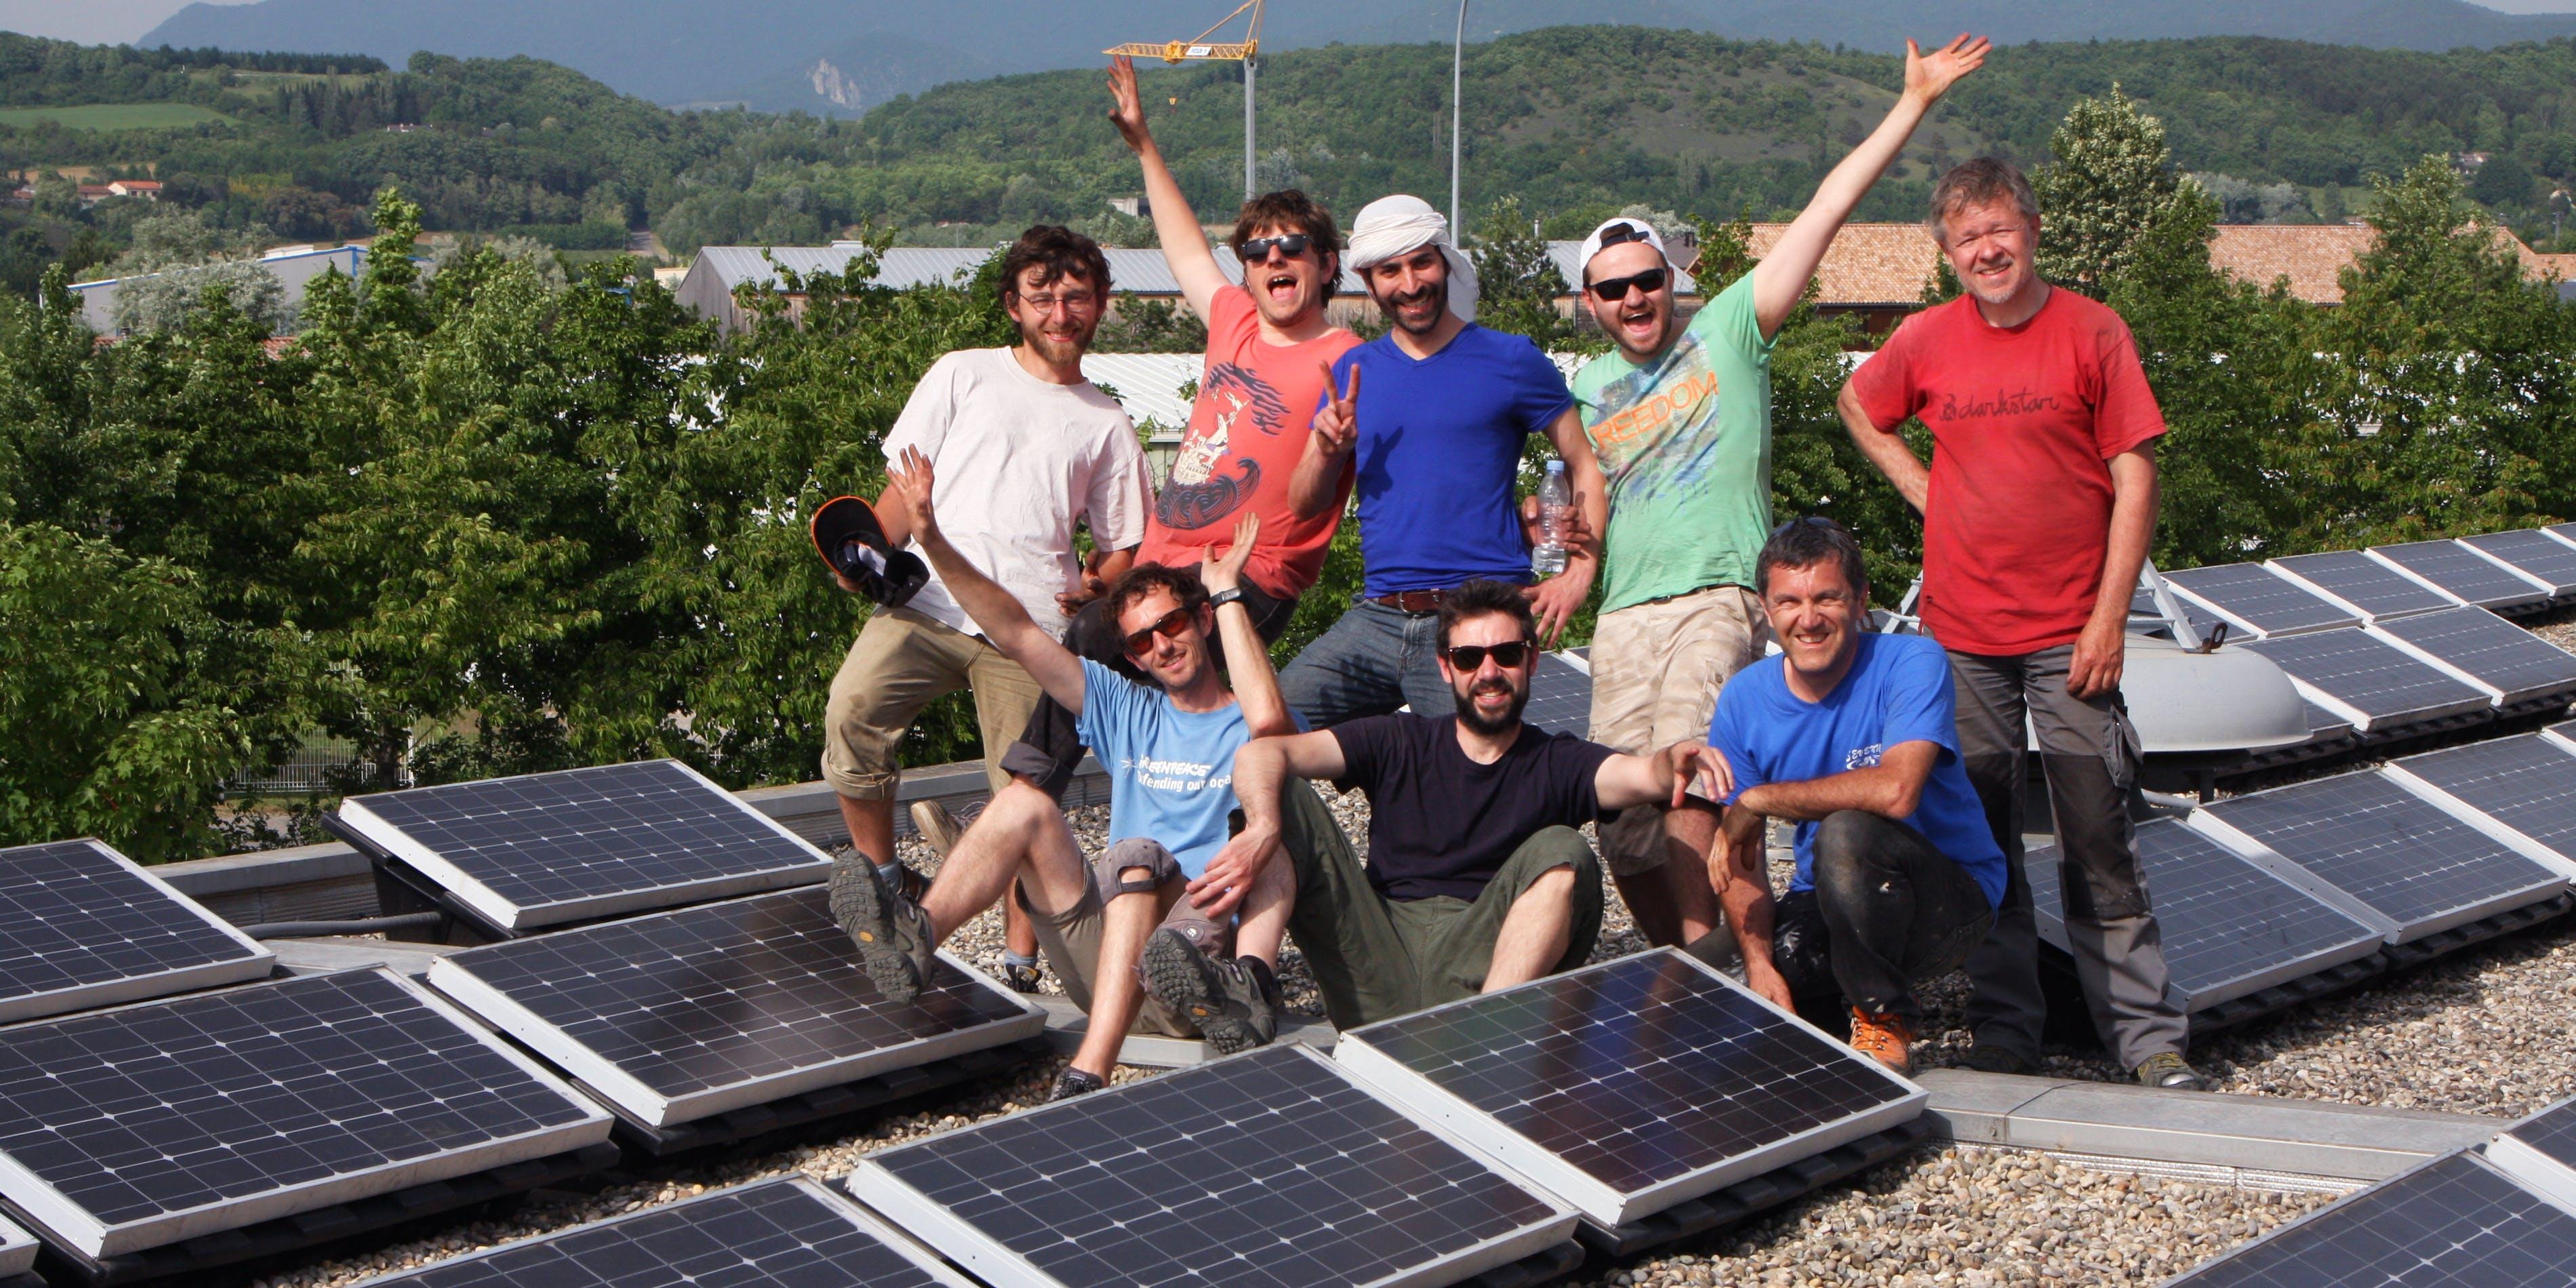 Personnes sur le site de production d'énergie photovoltaique